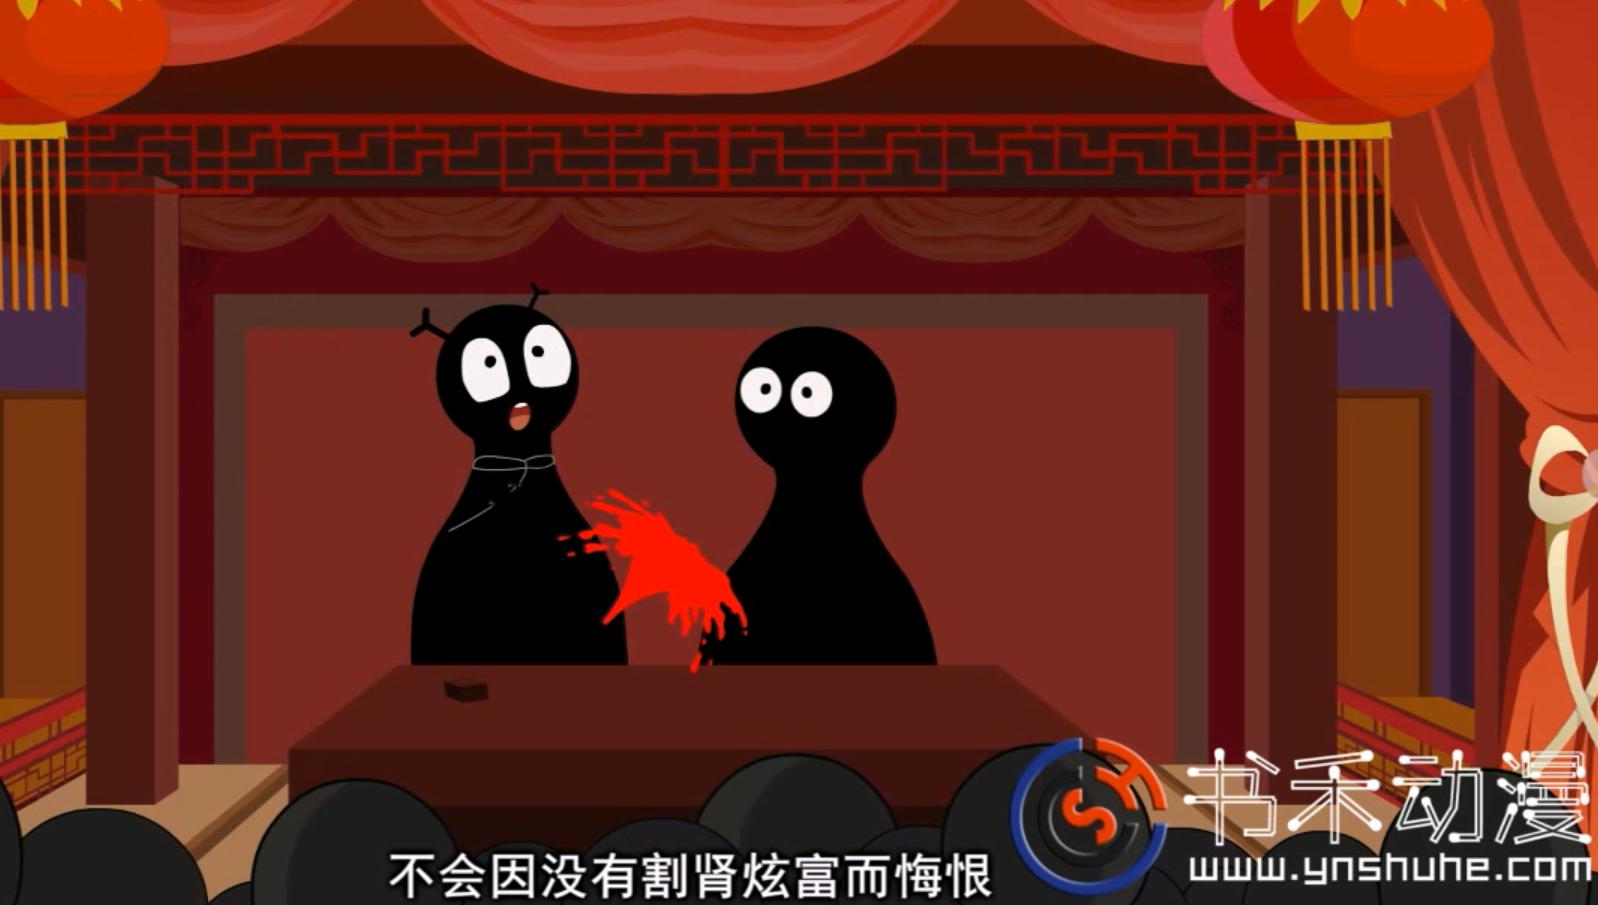 云南动画公司 宣传动画 MG动画 二维三维动画公司